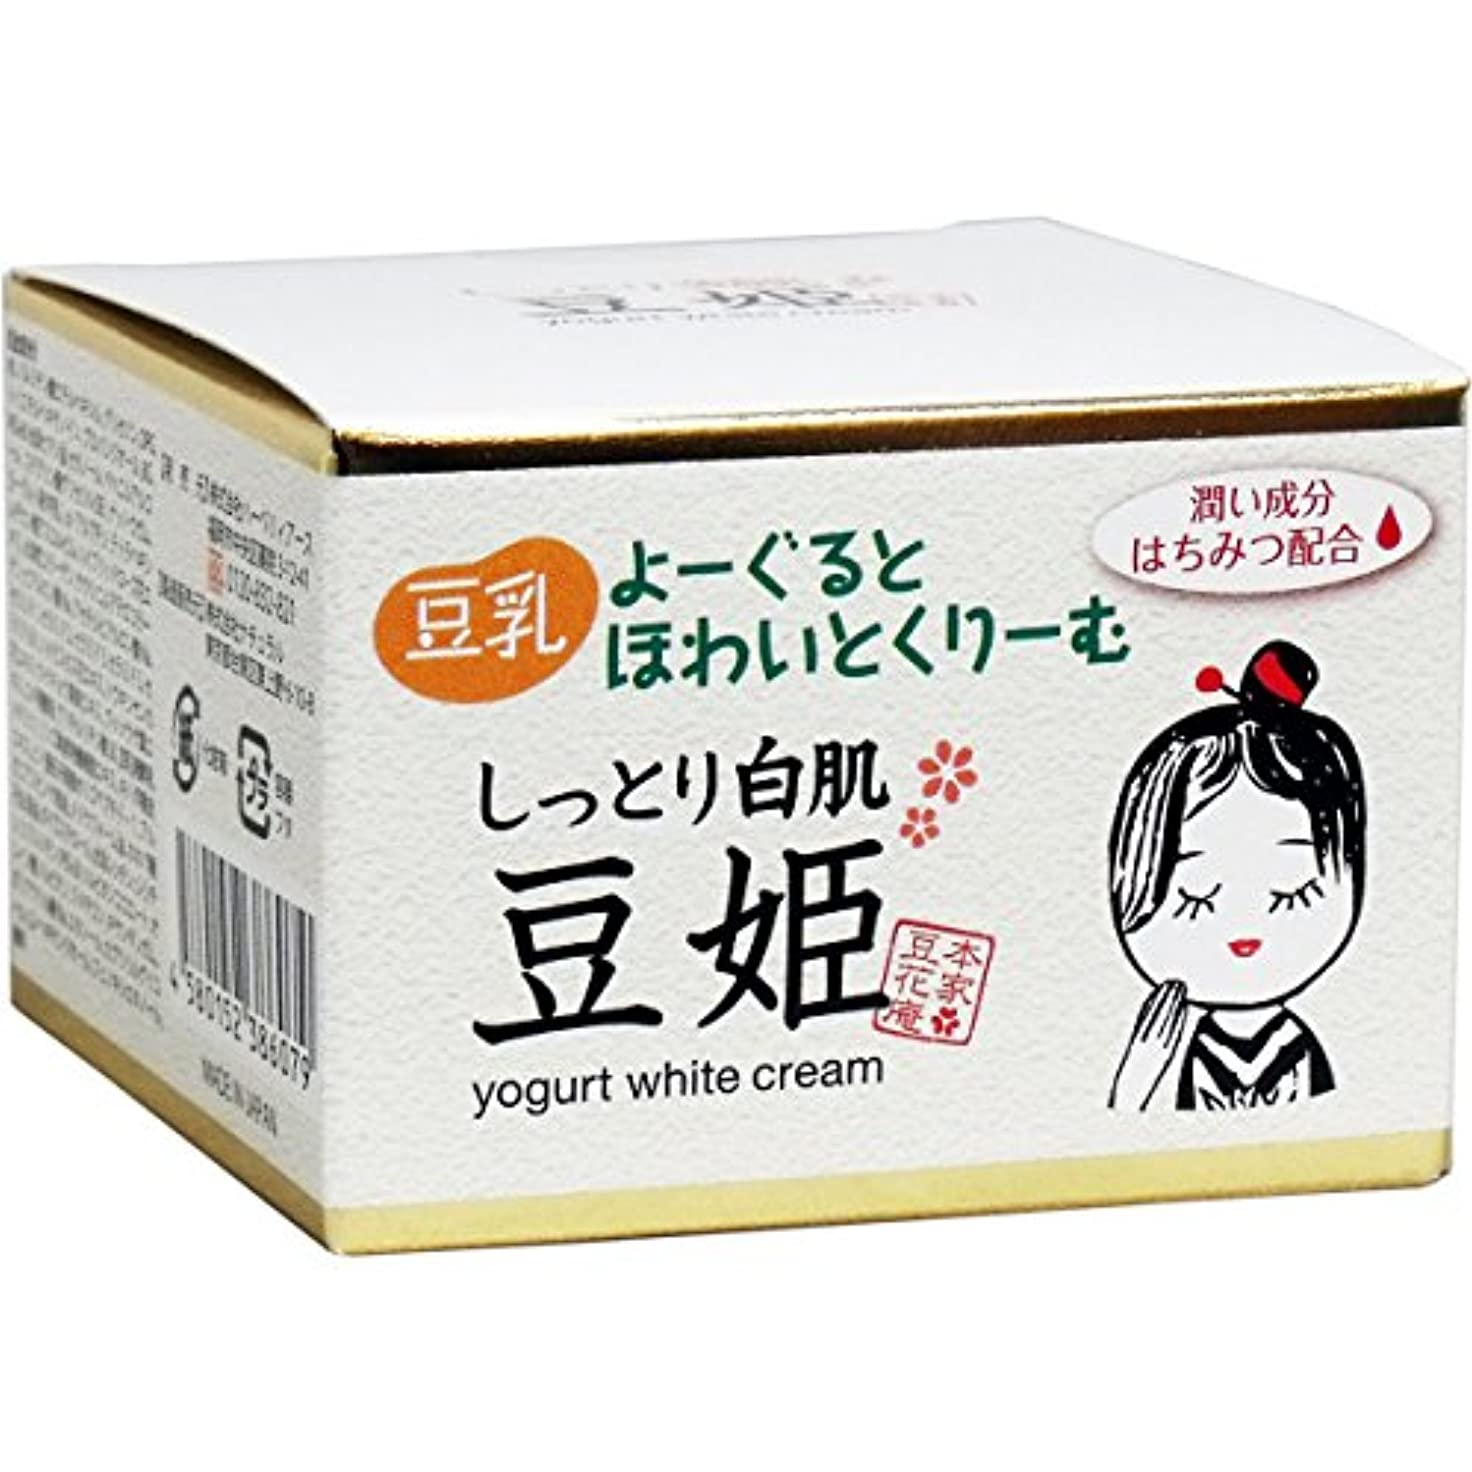 ハンディキャップ穿孔するディプロマ豆乳ヨーグルトホワイトクリーム (TYホワイトジェルクリーム 90g)